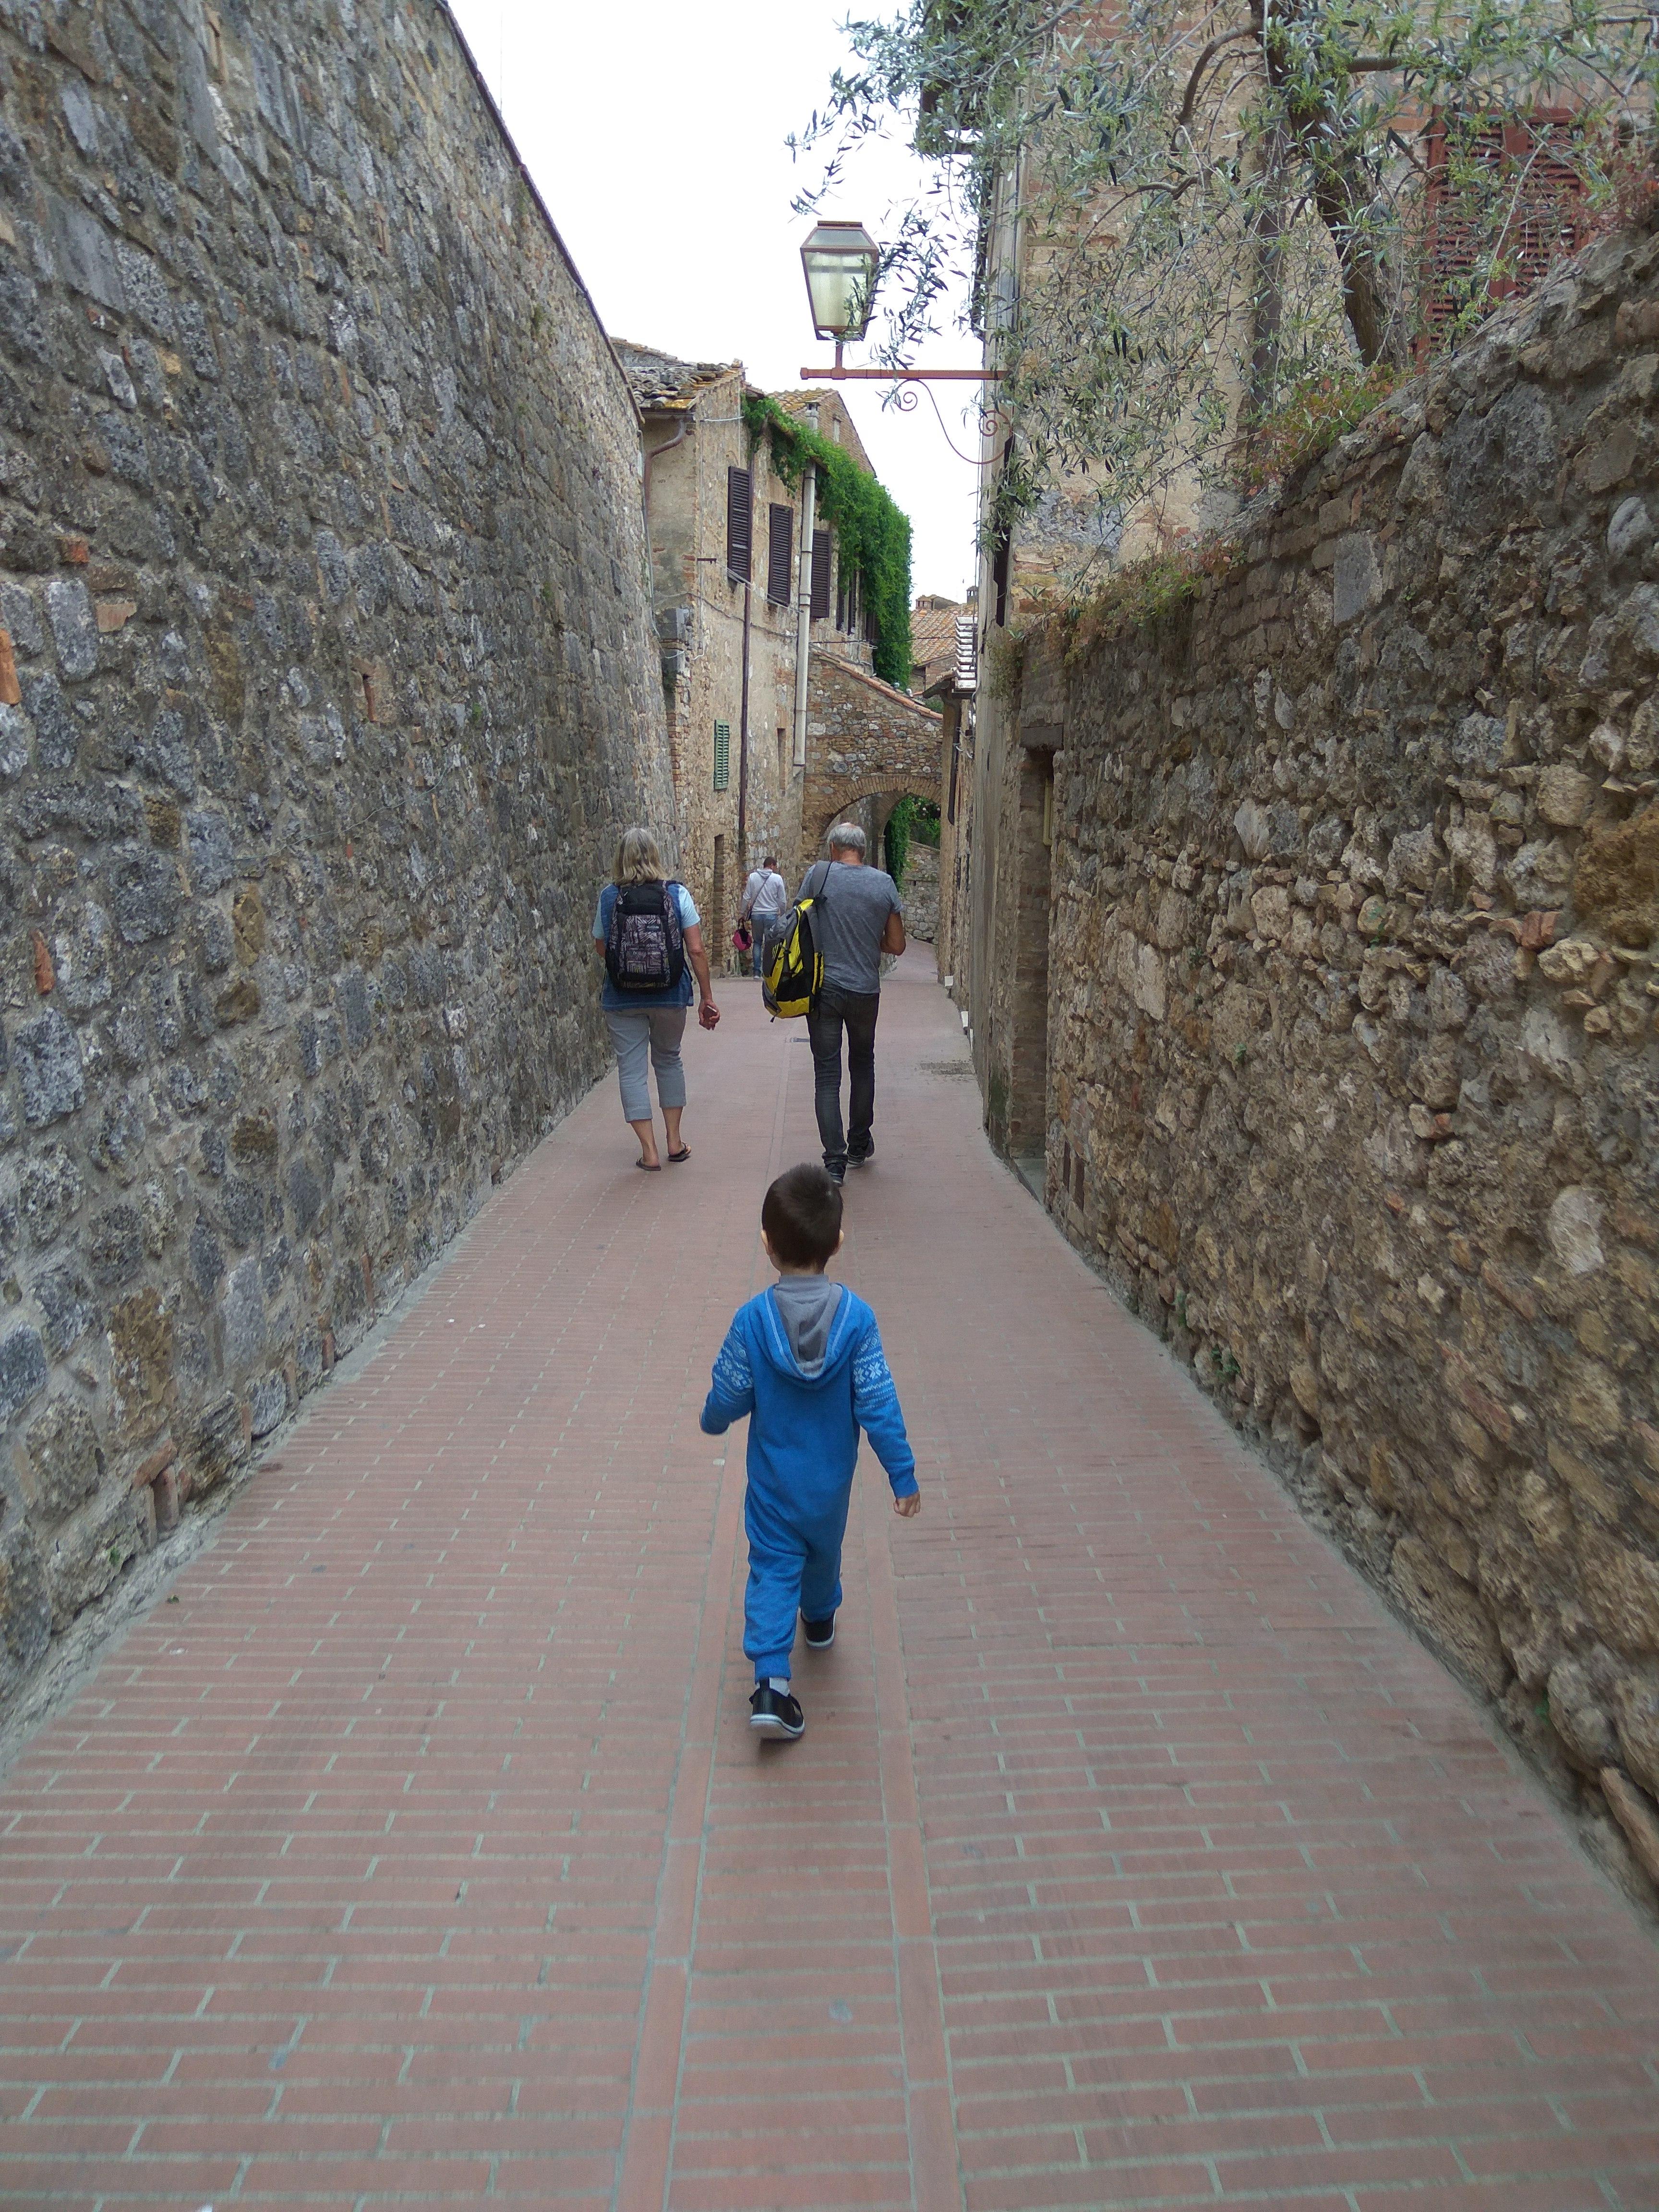 Тоскана - любовь с первого взгляда! (путешествие семьи с ребенком на общественном транспорте)